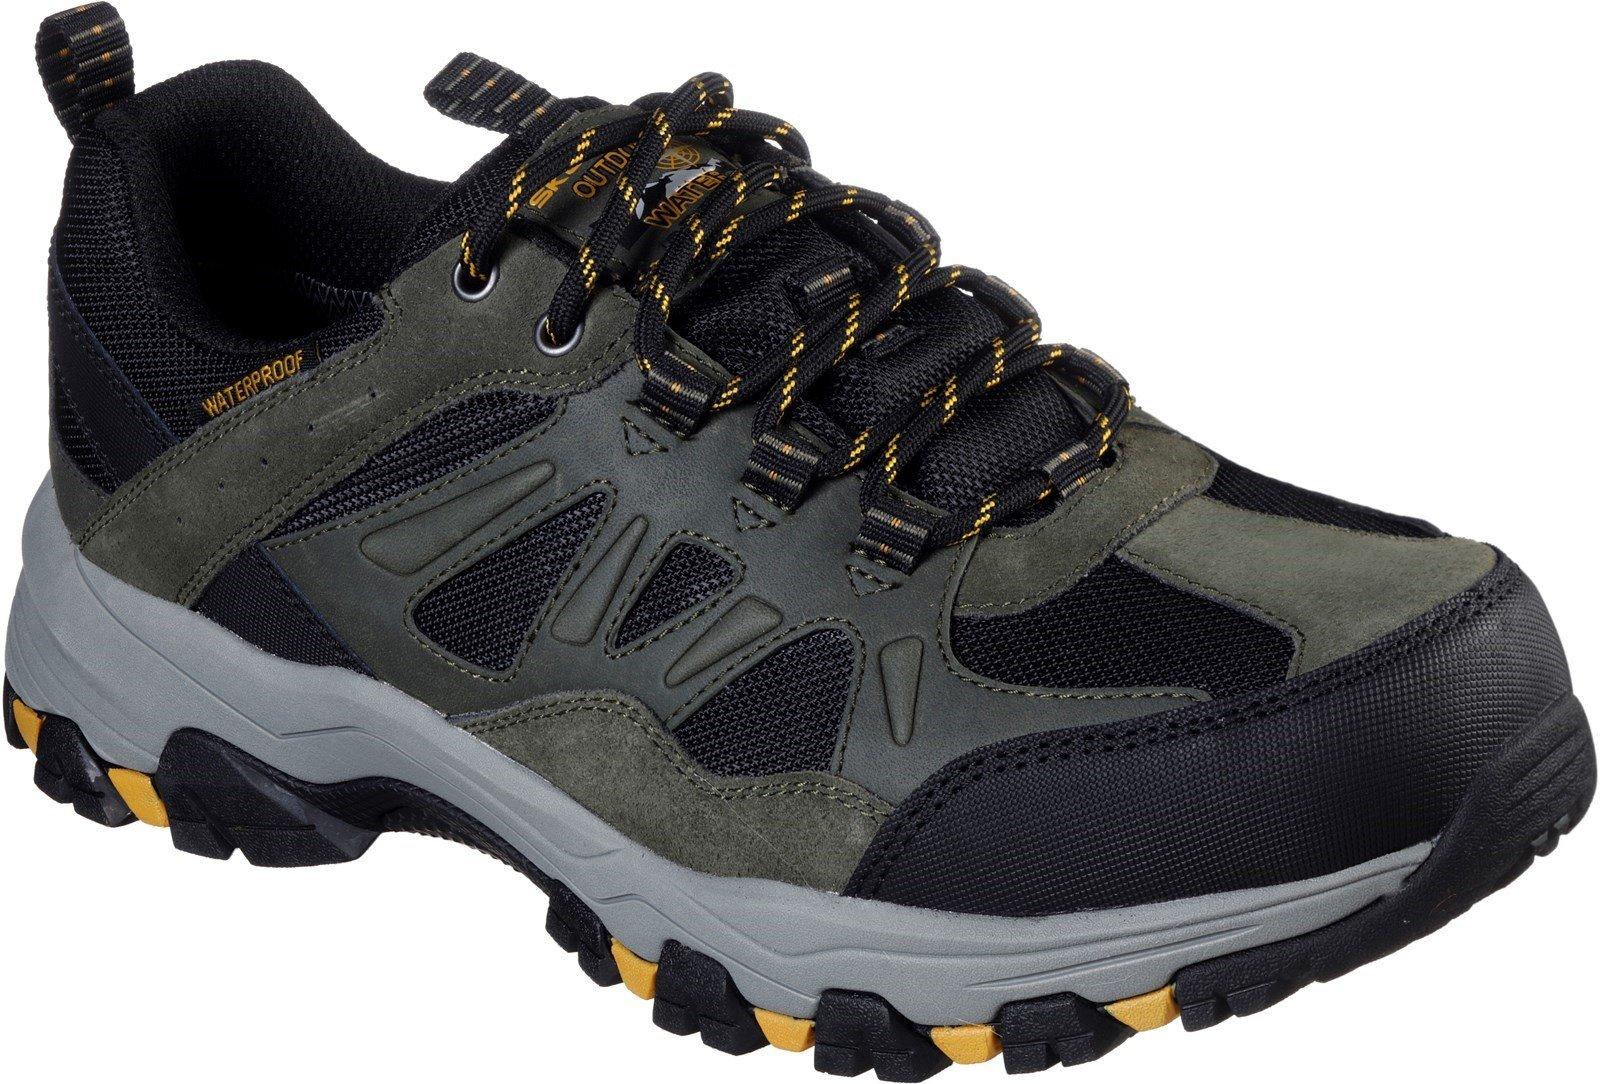 Skechers Men's Selmen Enago Lace Trainer Various Colours 31110 - Olive/Black 6